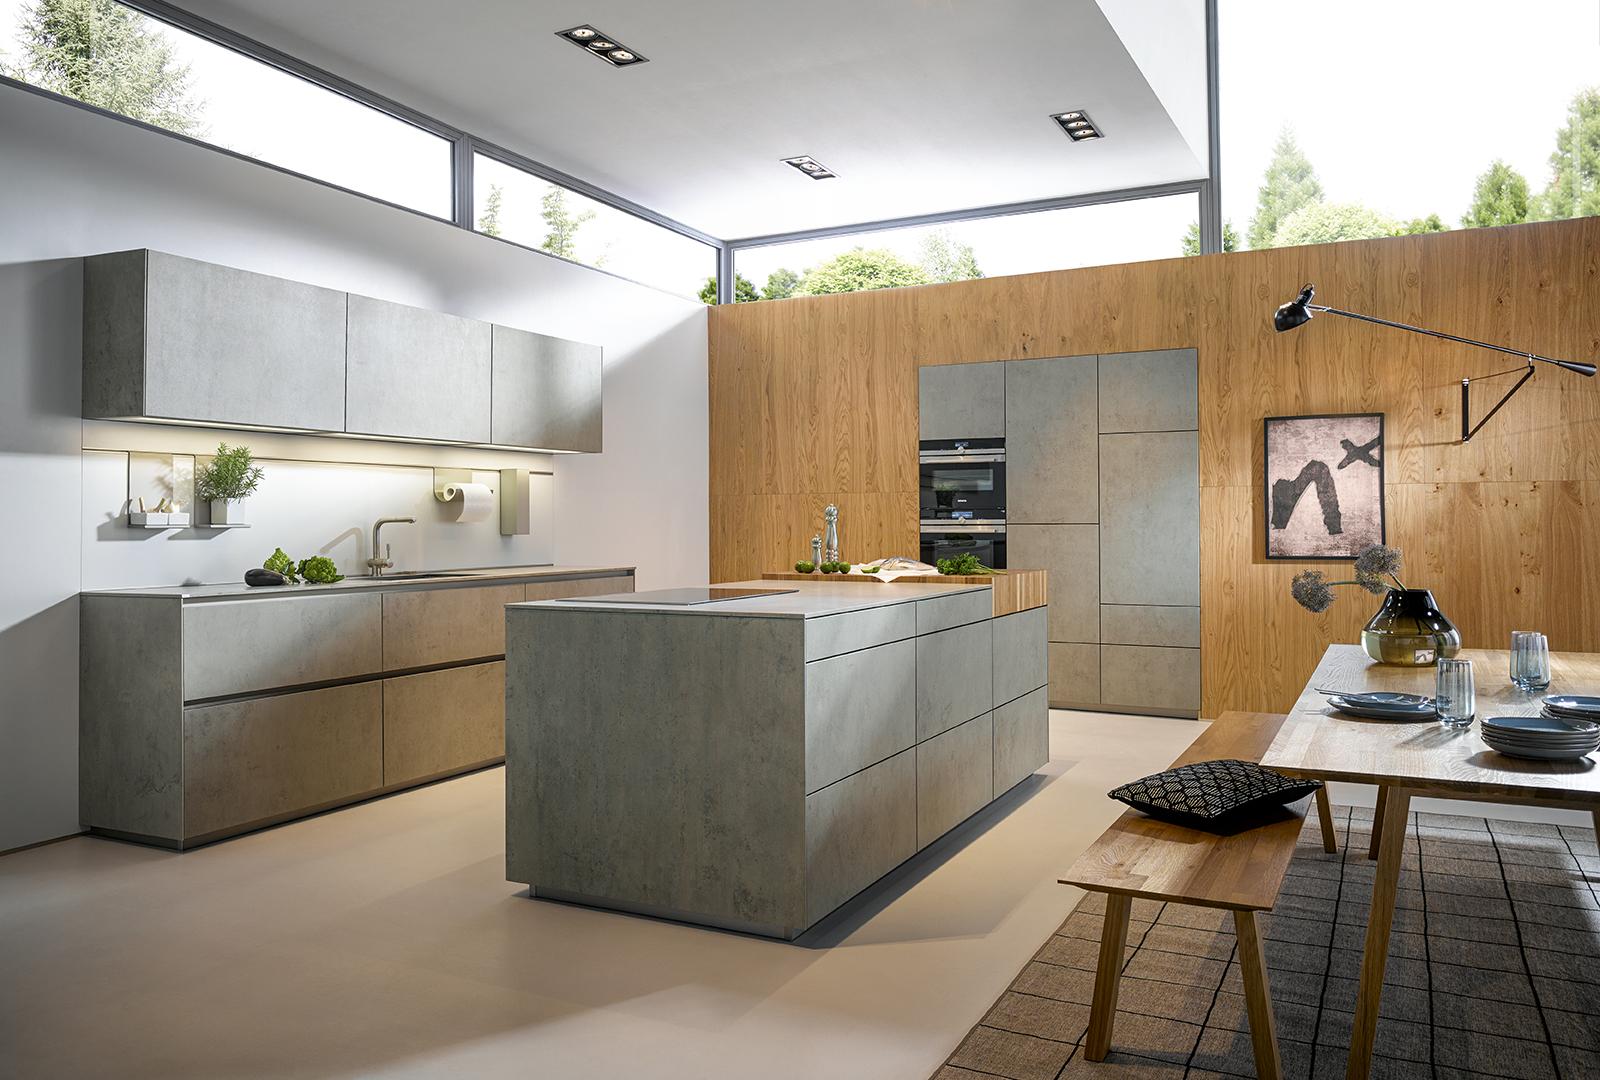 dom n m ck designov kuchyn sch ller nexttradestore. Black Bedroom Furniture Sets. Home Design Ideas